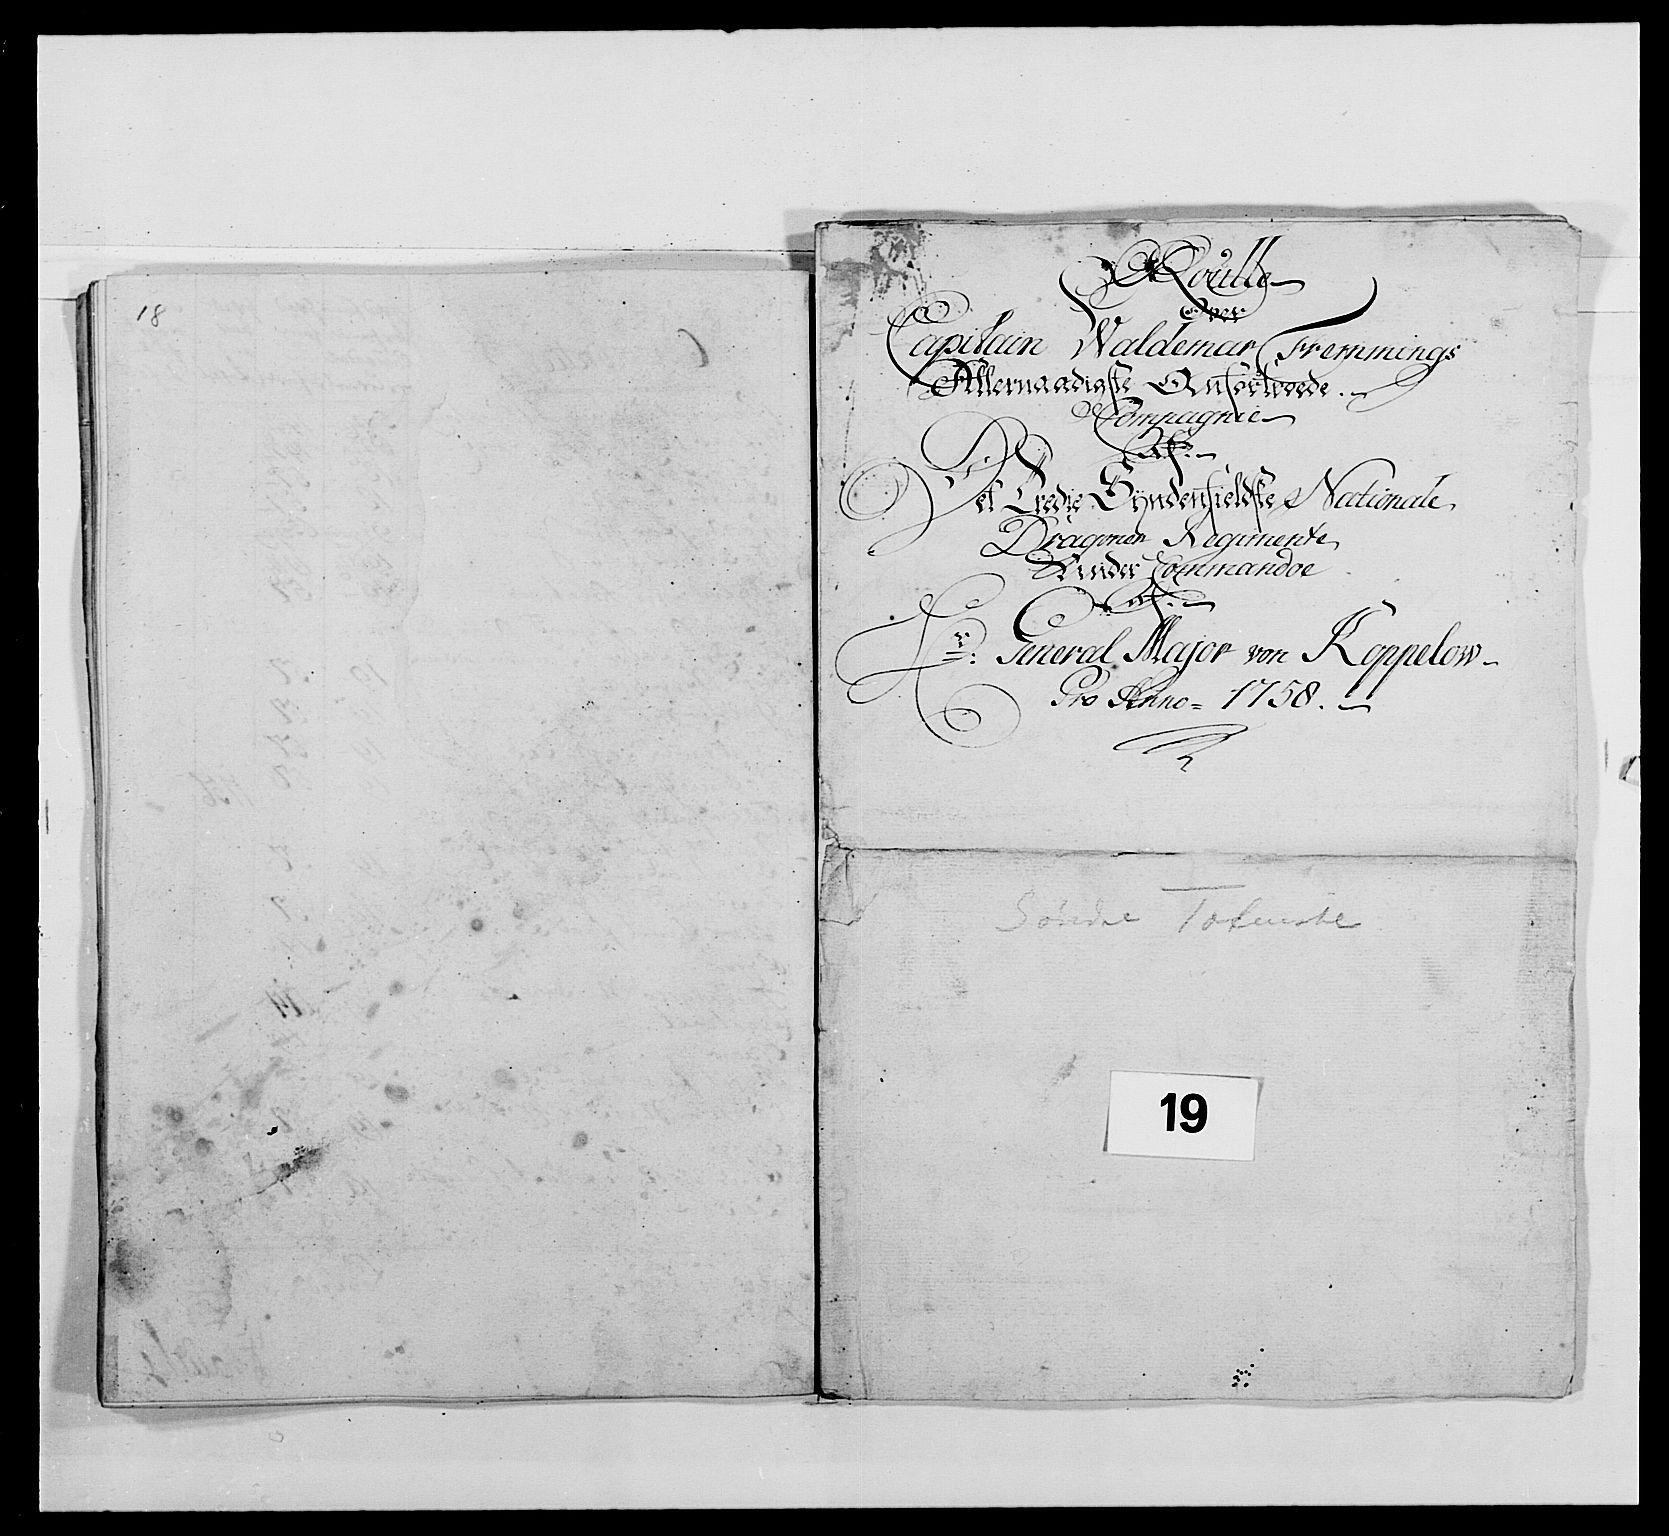 RA, Kommanderende general (KG I) med Det norske krigsdirektorium, E/Ea/L0479: 3. Sønnafjelske dragonregiment, 1756-1760, s. 358